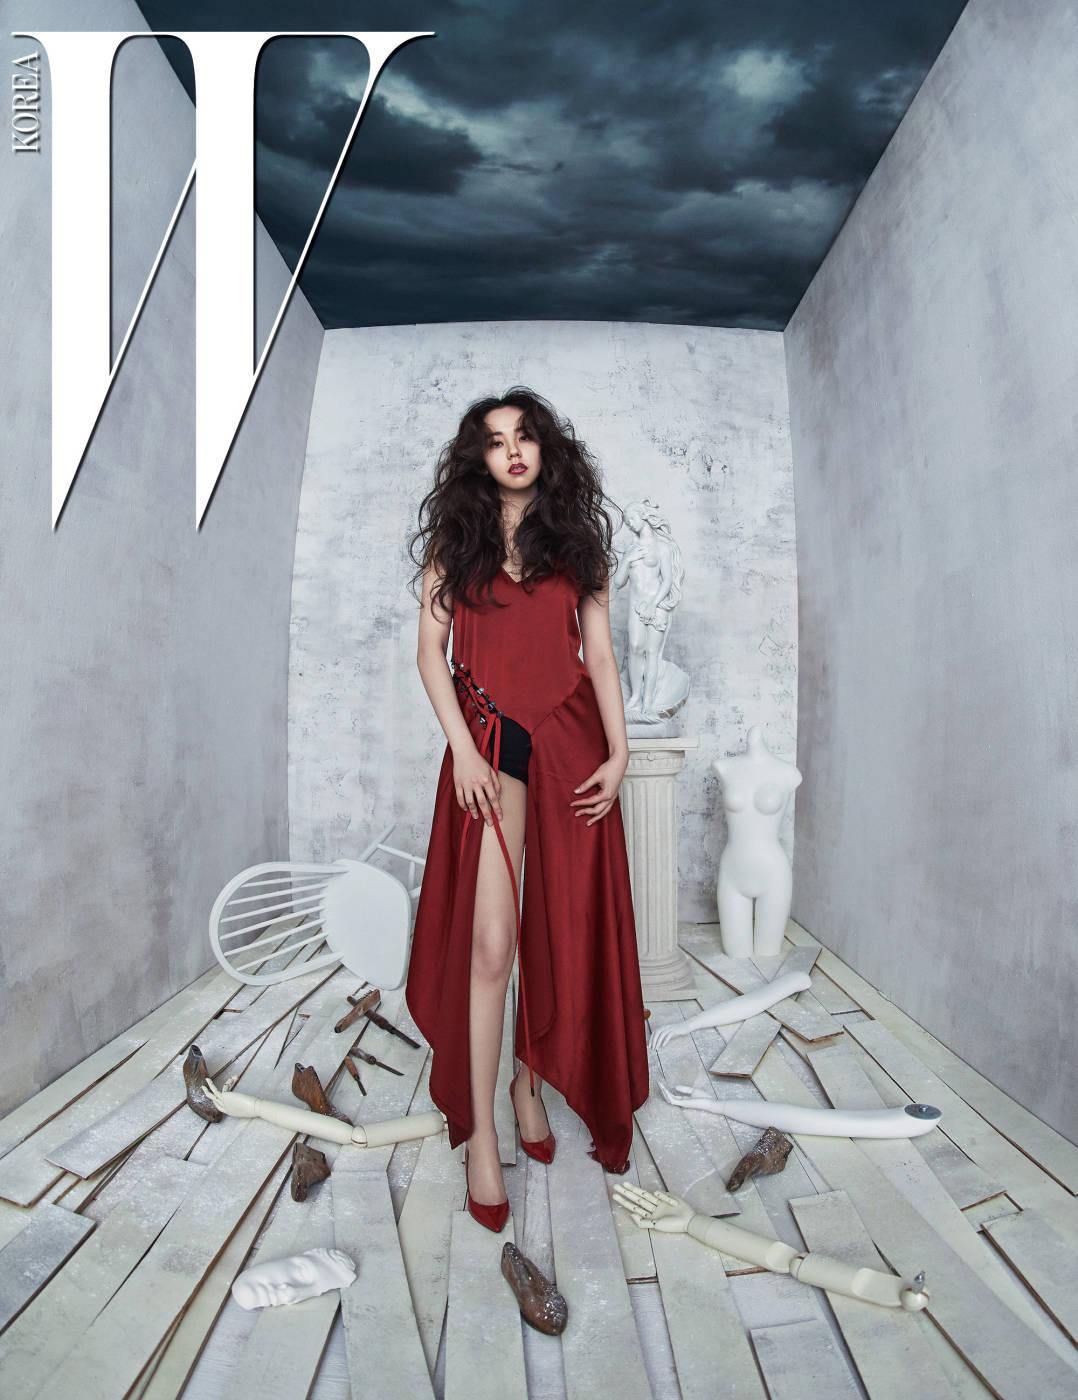 옆트임이 독특한 새빨간 롱 드레스는 DKNY 제품. 안에 입은 검은색 보디슈트는 스타일리스트 소장품.